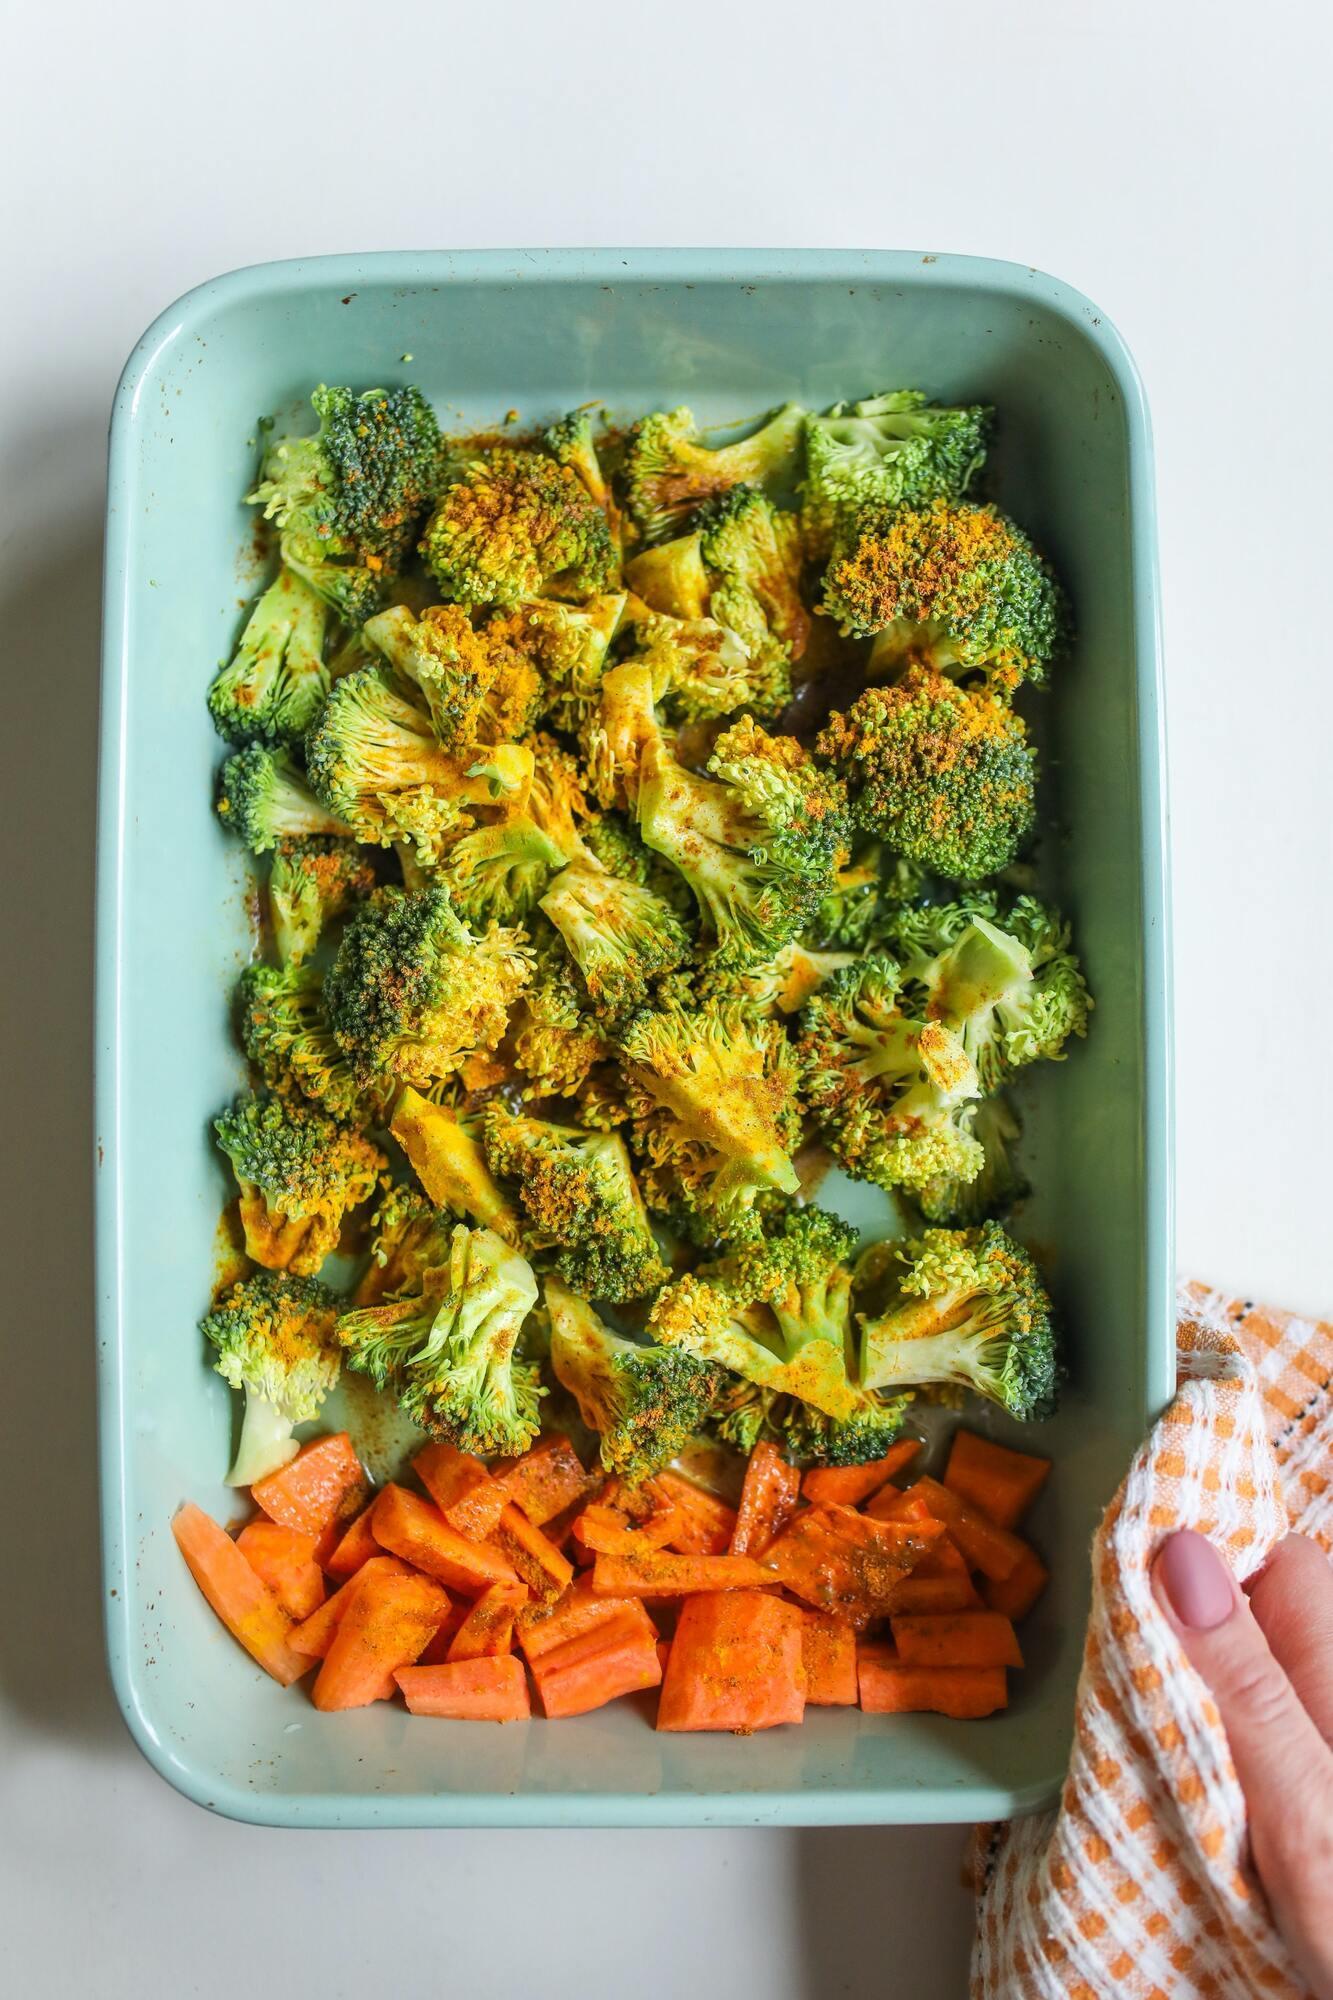 Как правильно готовить овощи, чтобы они были полезными